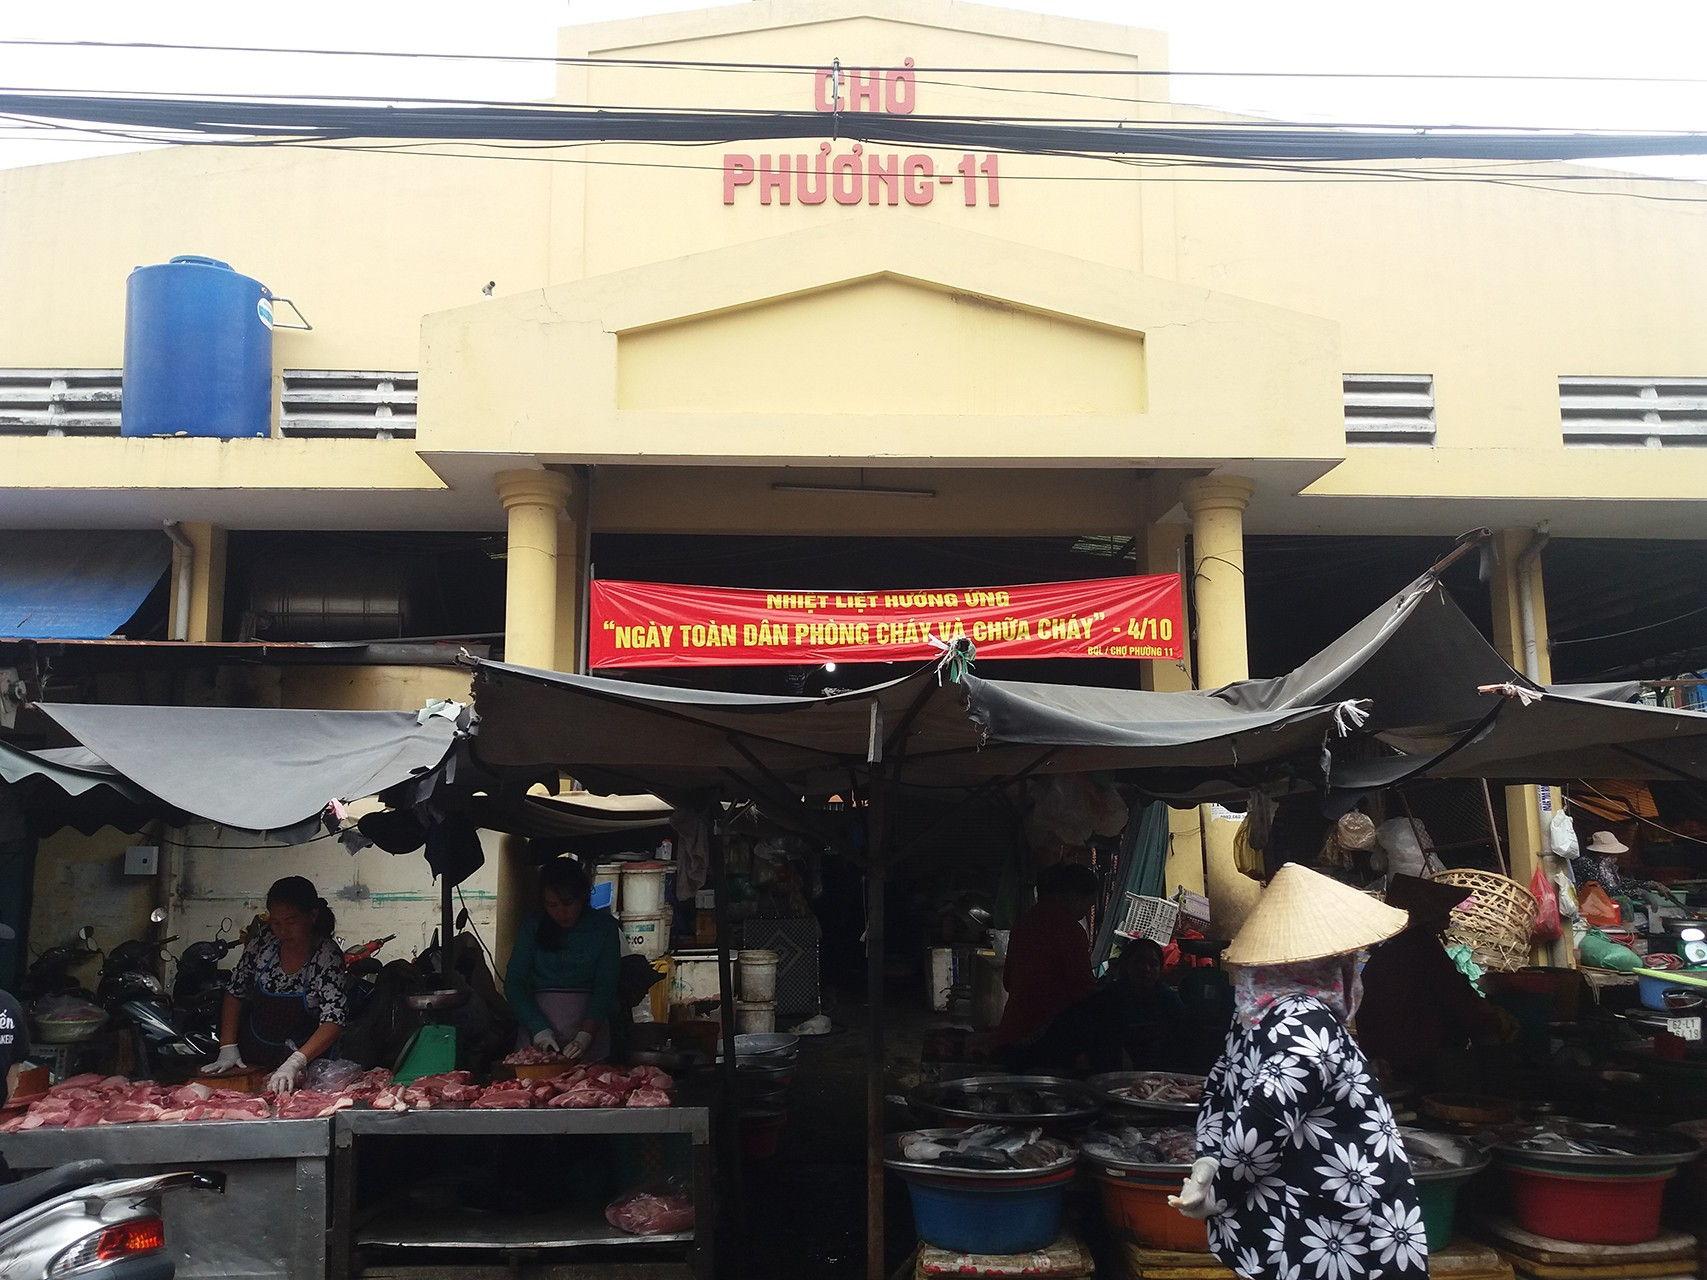 Top 5 Khu Chợ Ở Sài Gòn Được Mệnh Danh Là Thiên Đường Ẩm Thực 8